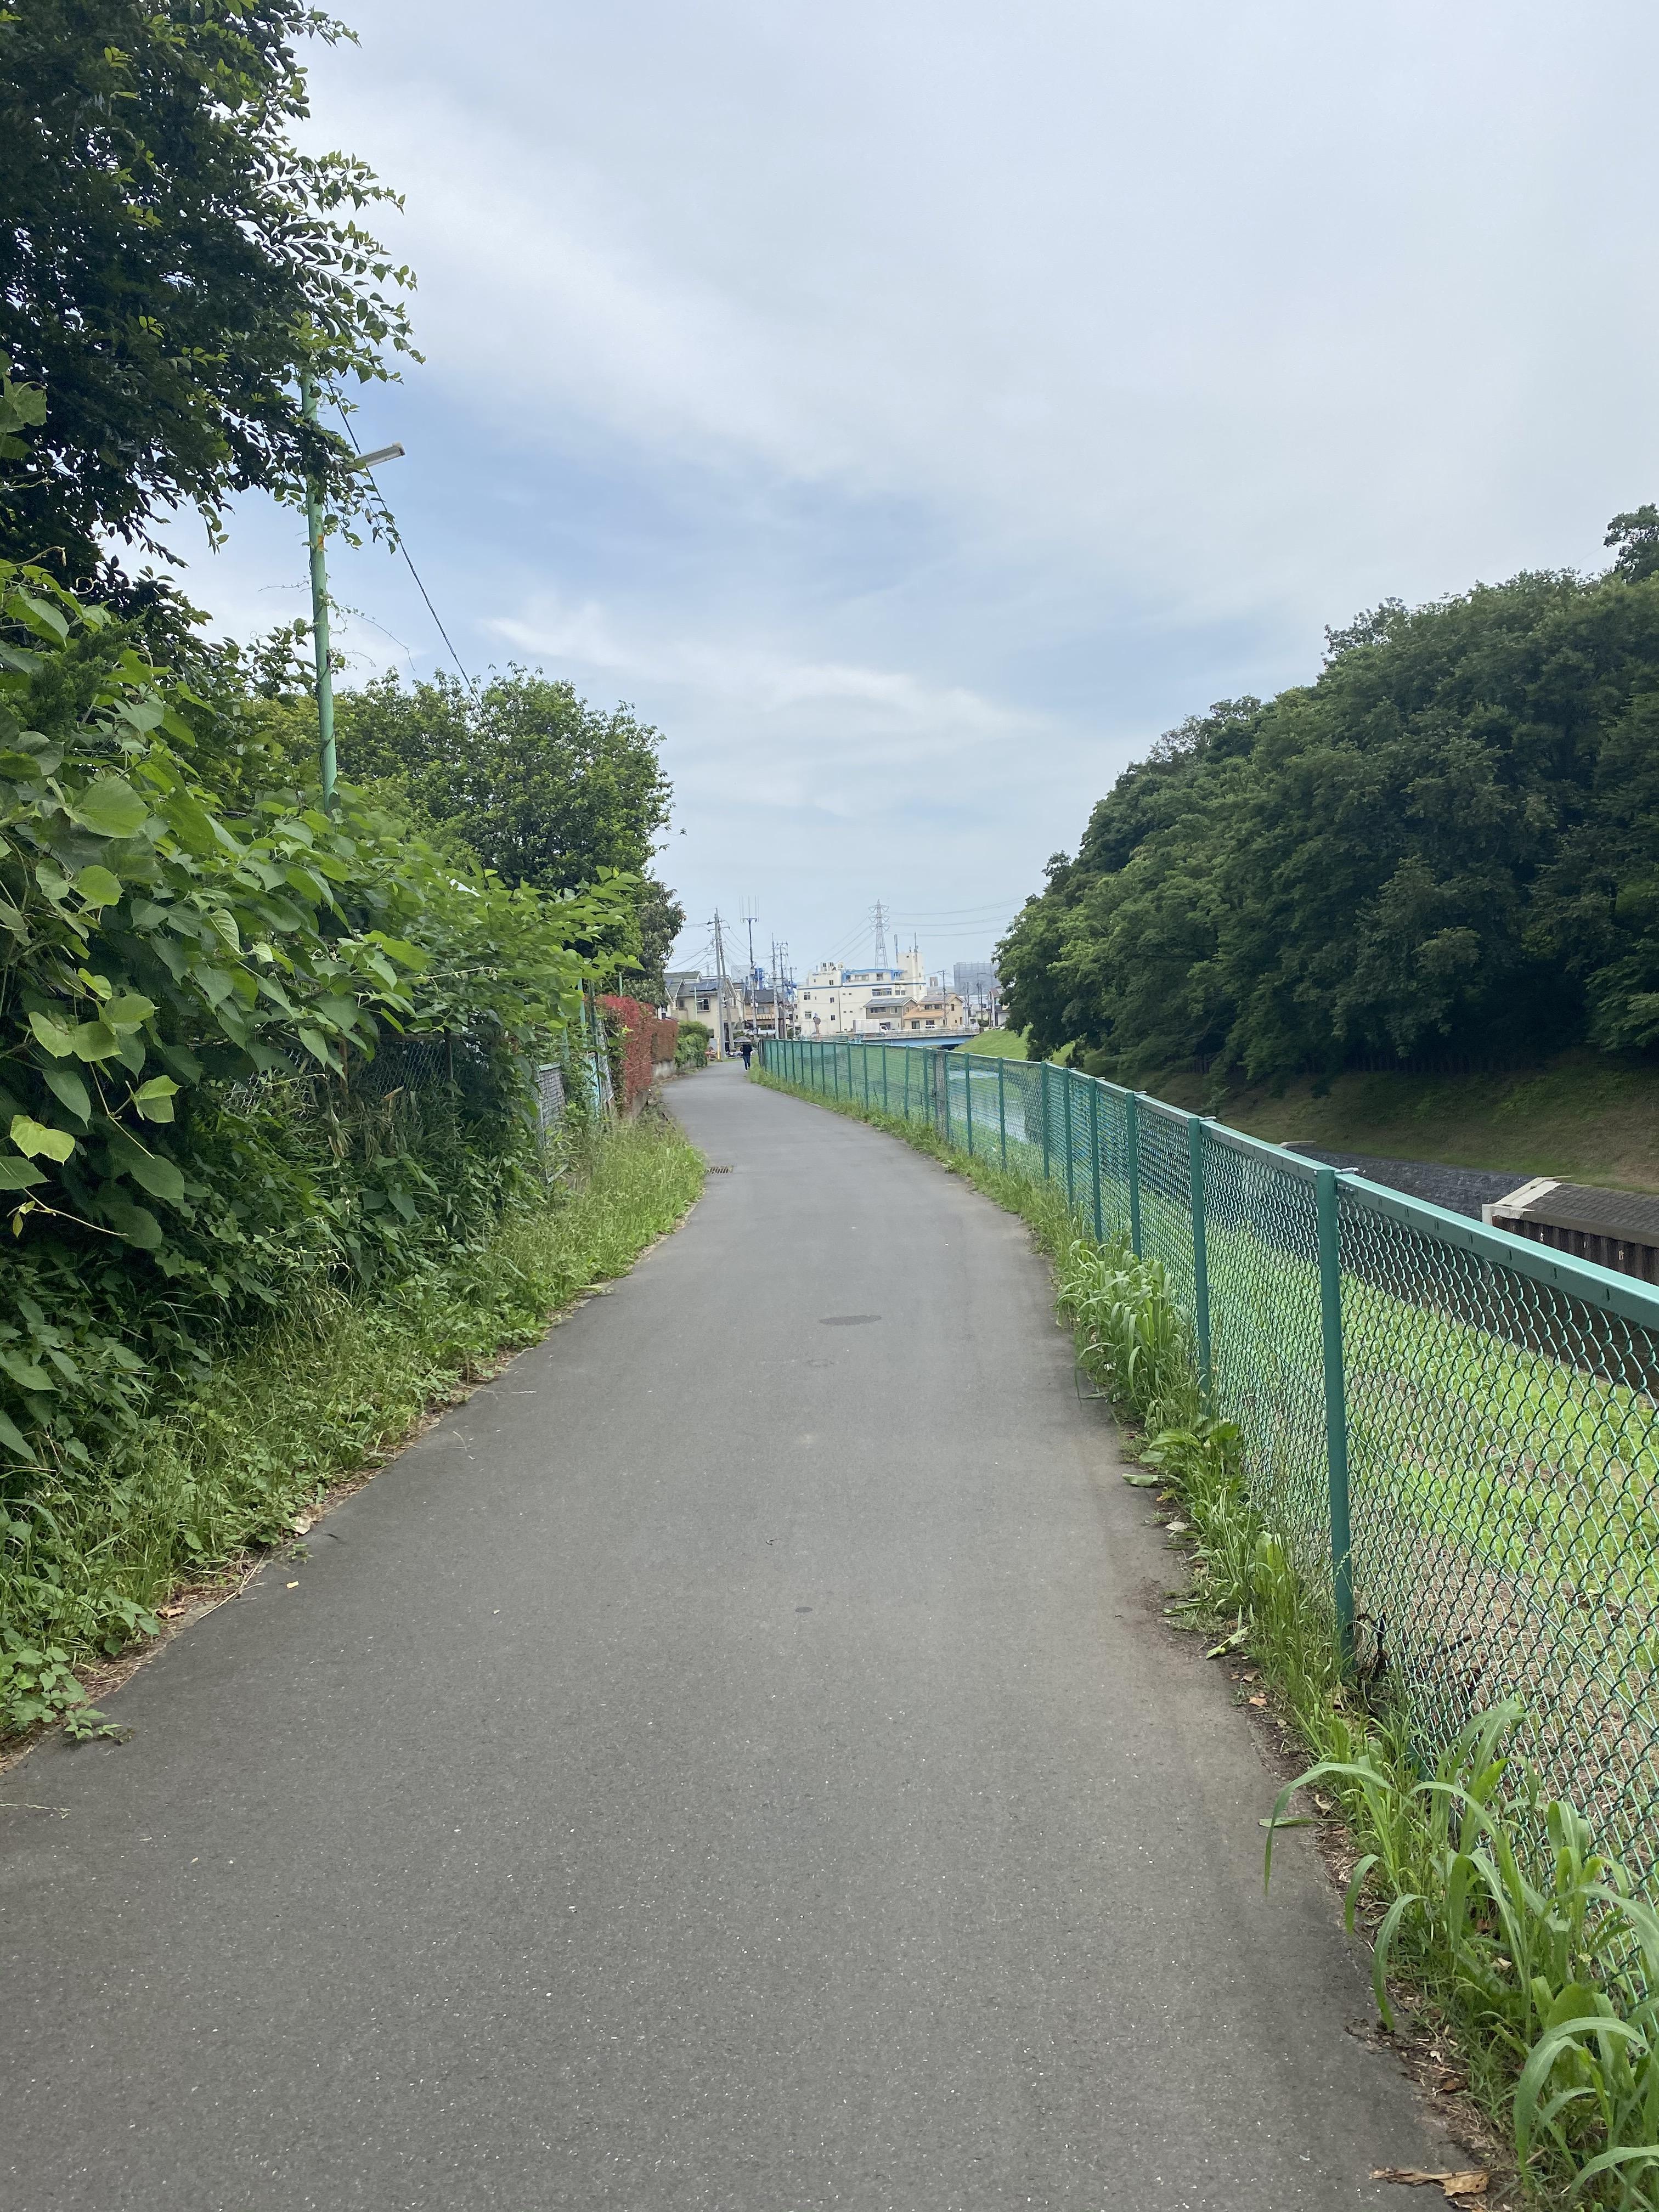 下流に向かって目黒川左岸を歩く